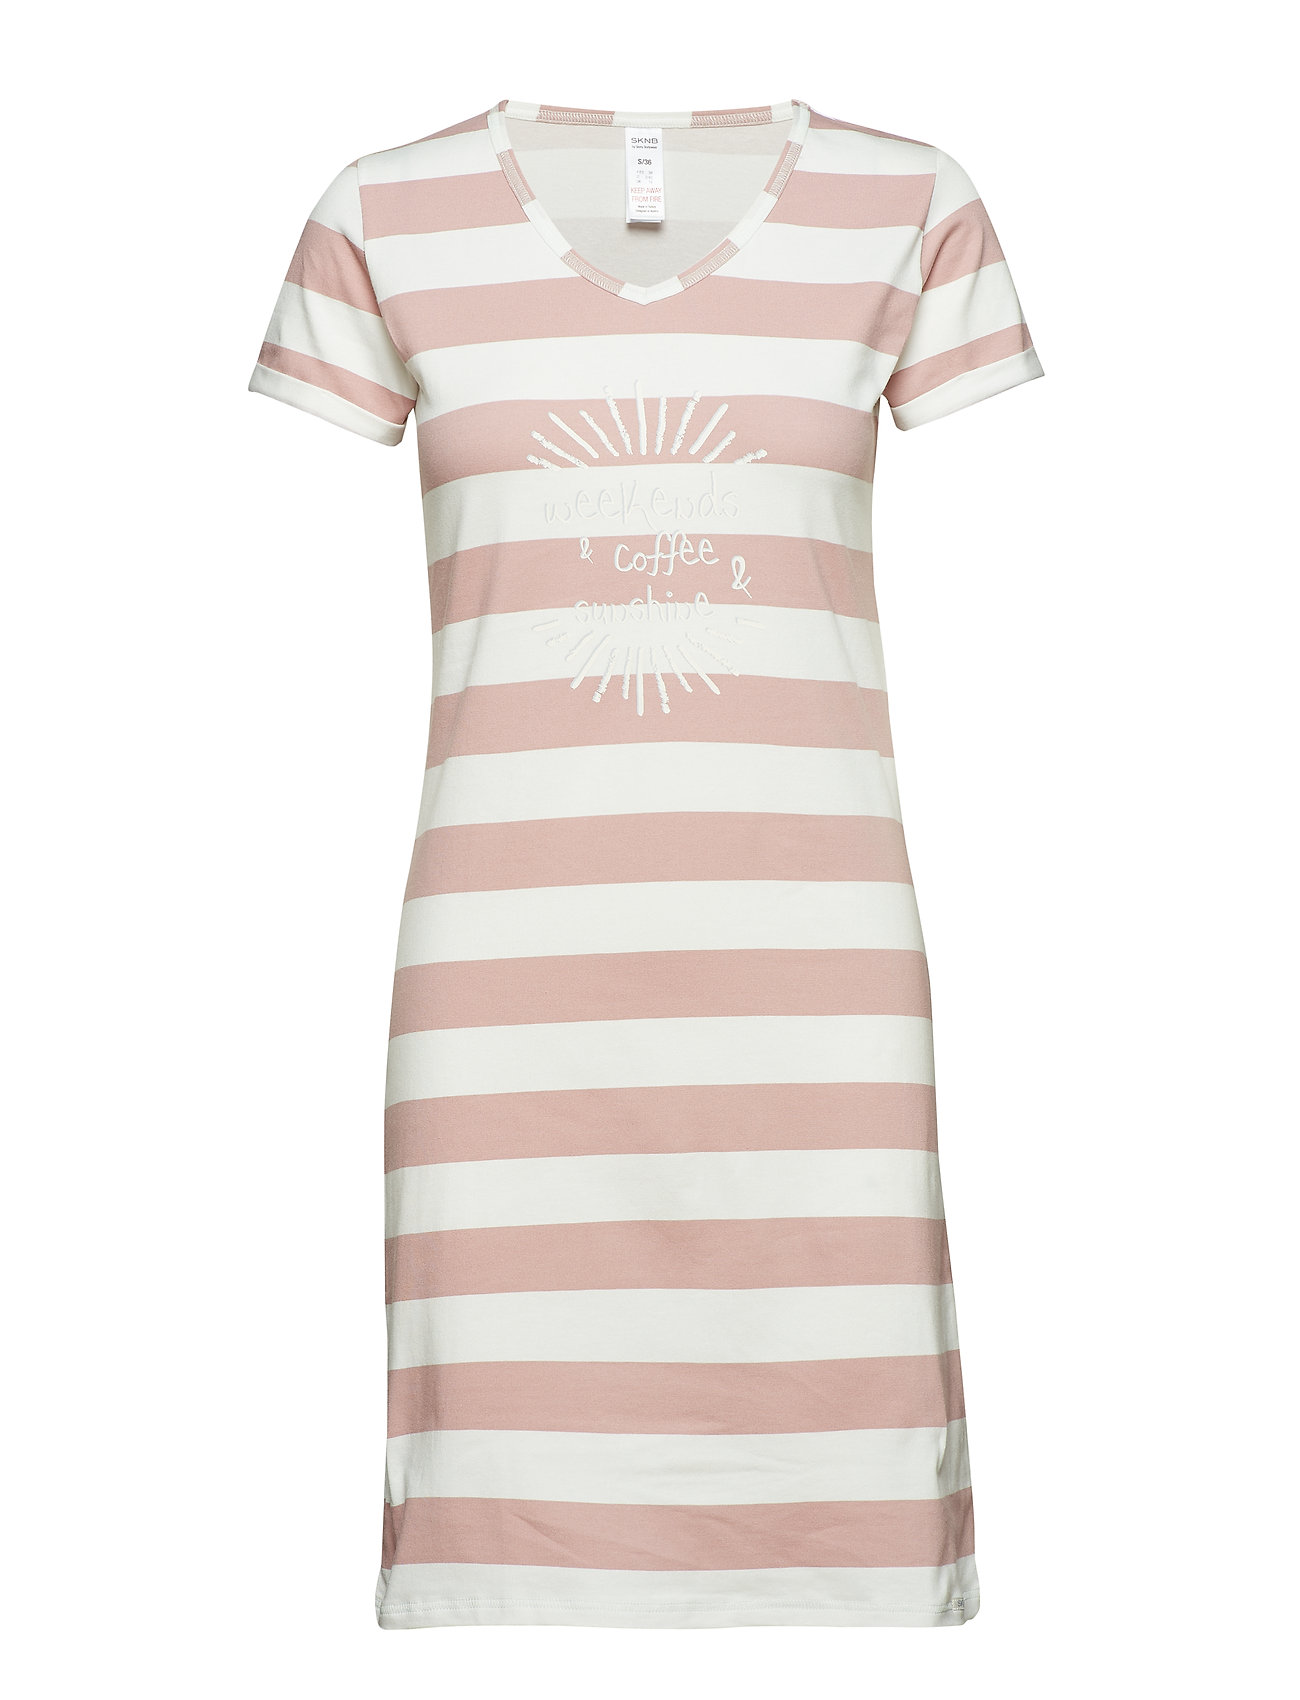 Skiny L. sleepshirt s slv Sov och loungeplagg